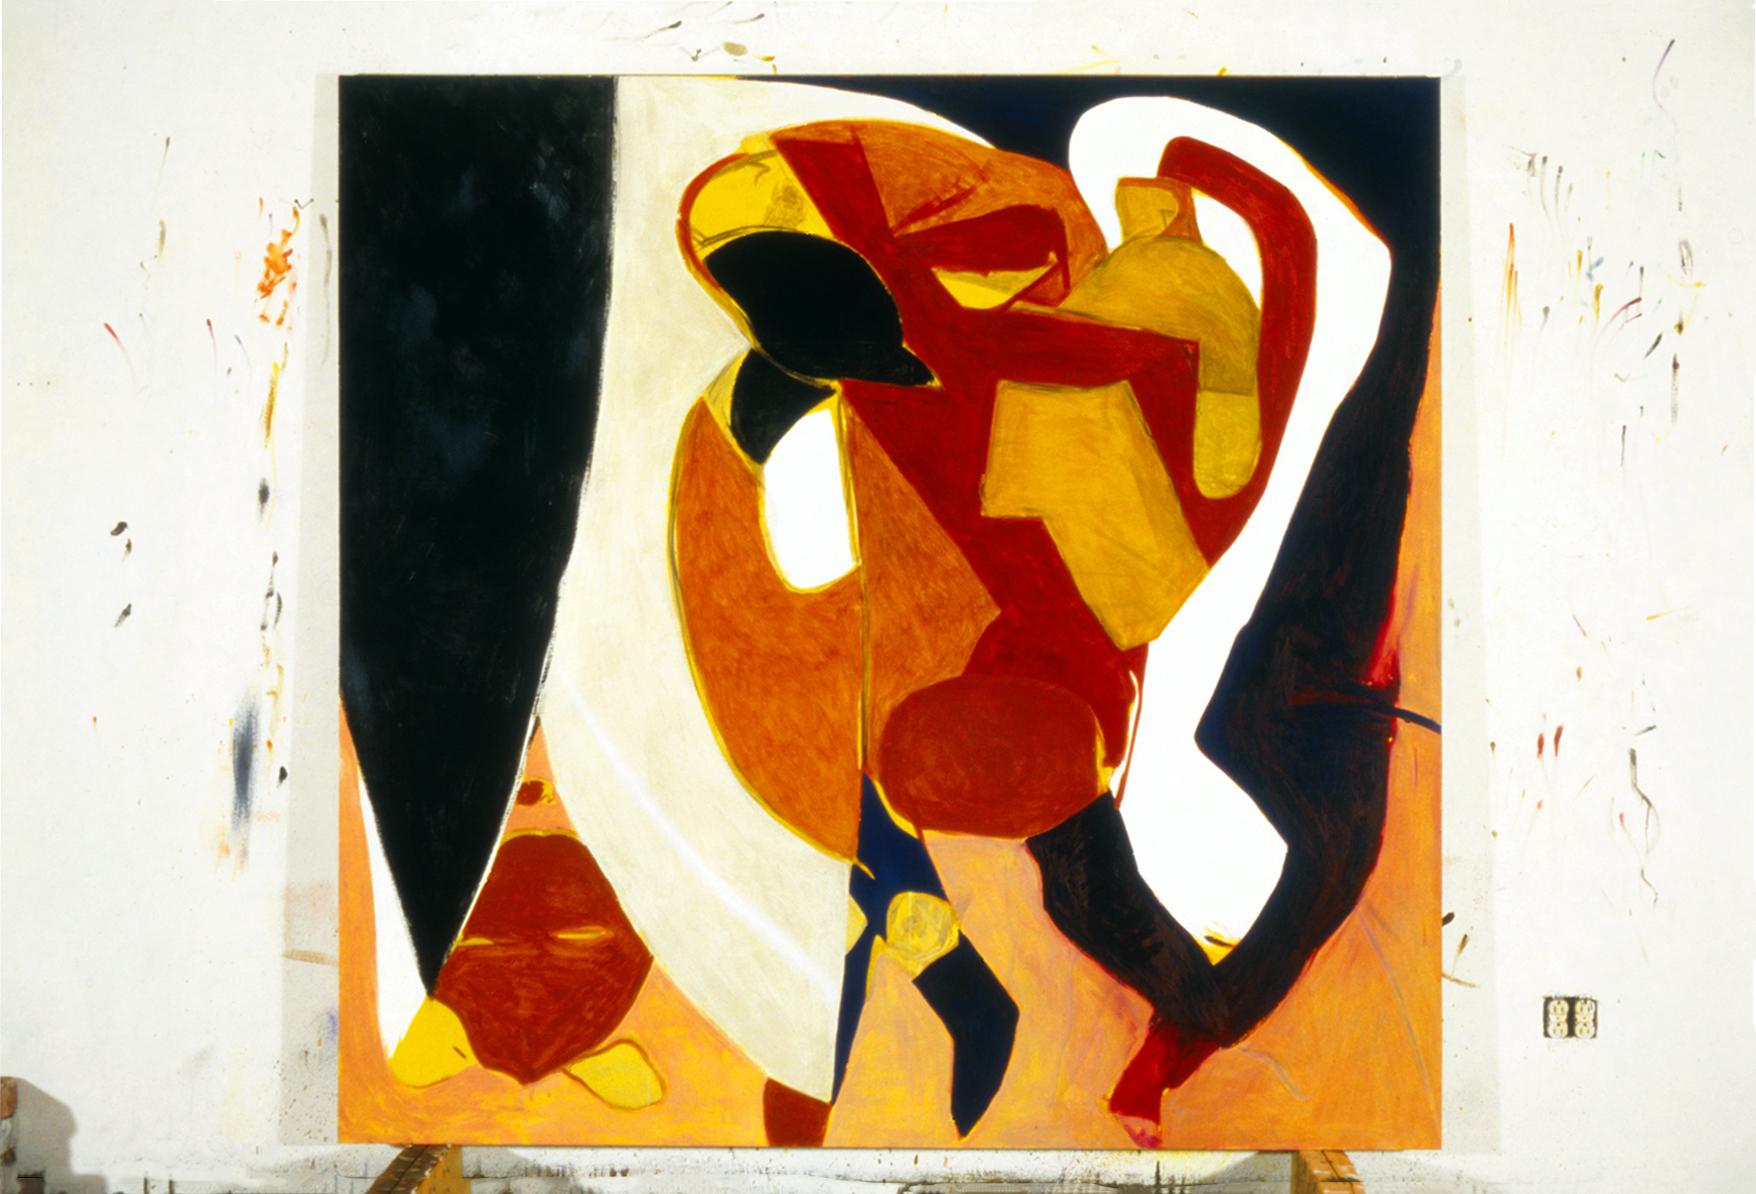 141 Plotek Leopold Big tangerine 1999 138244.jpg